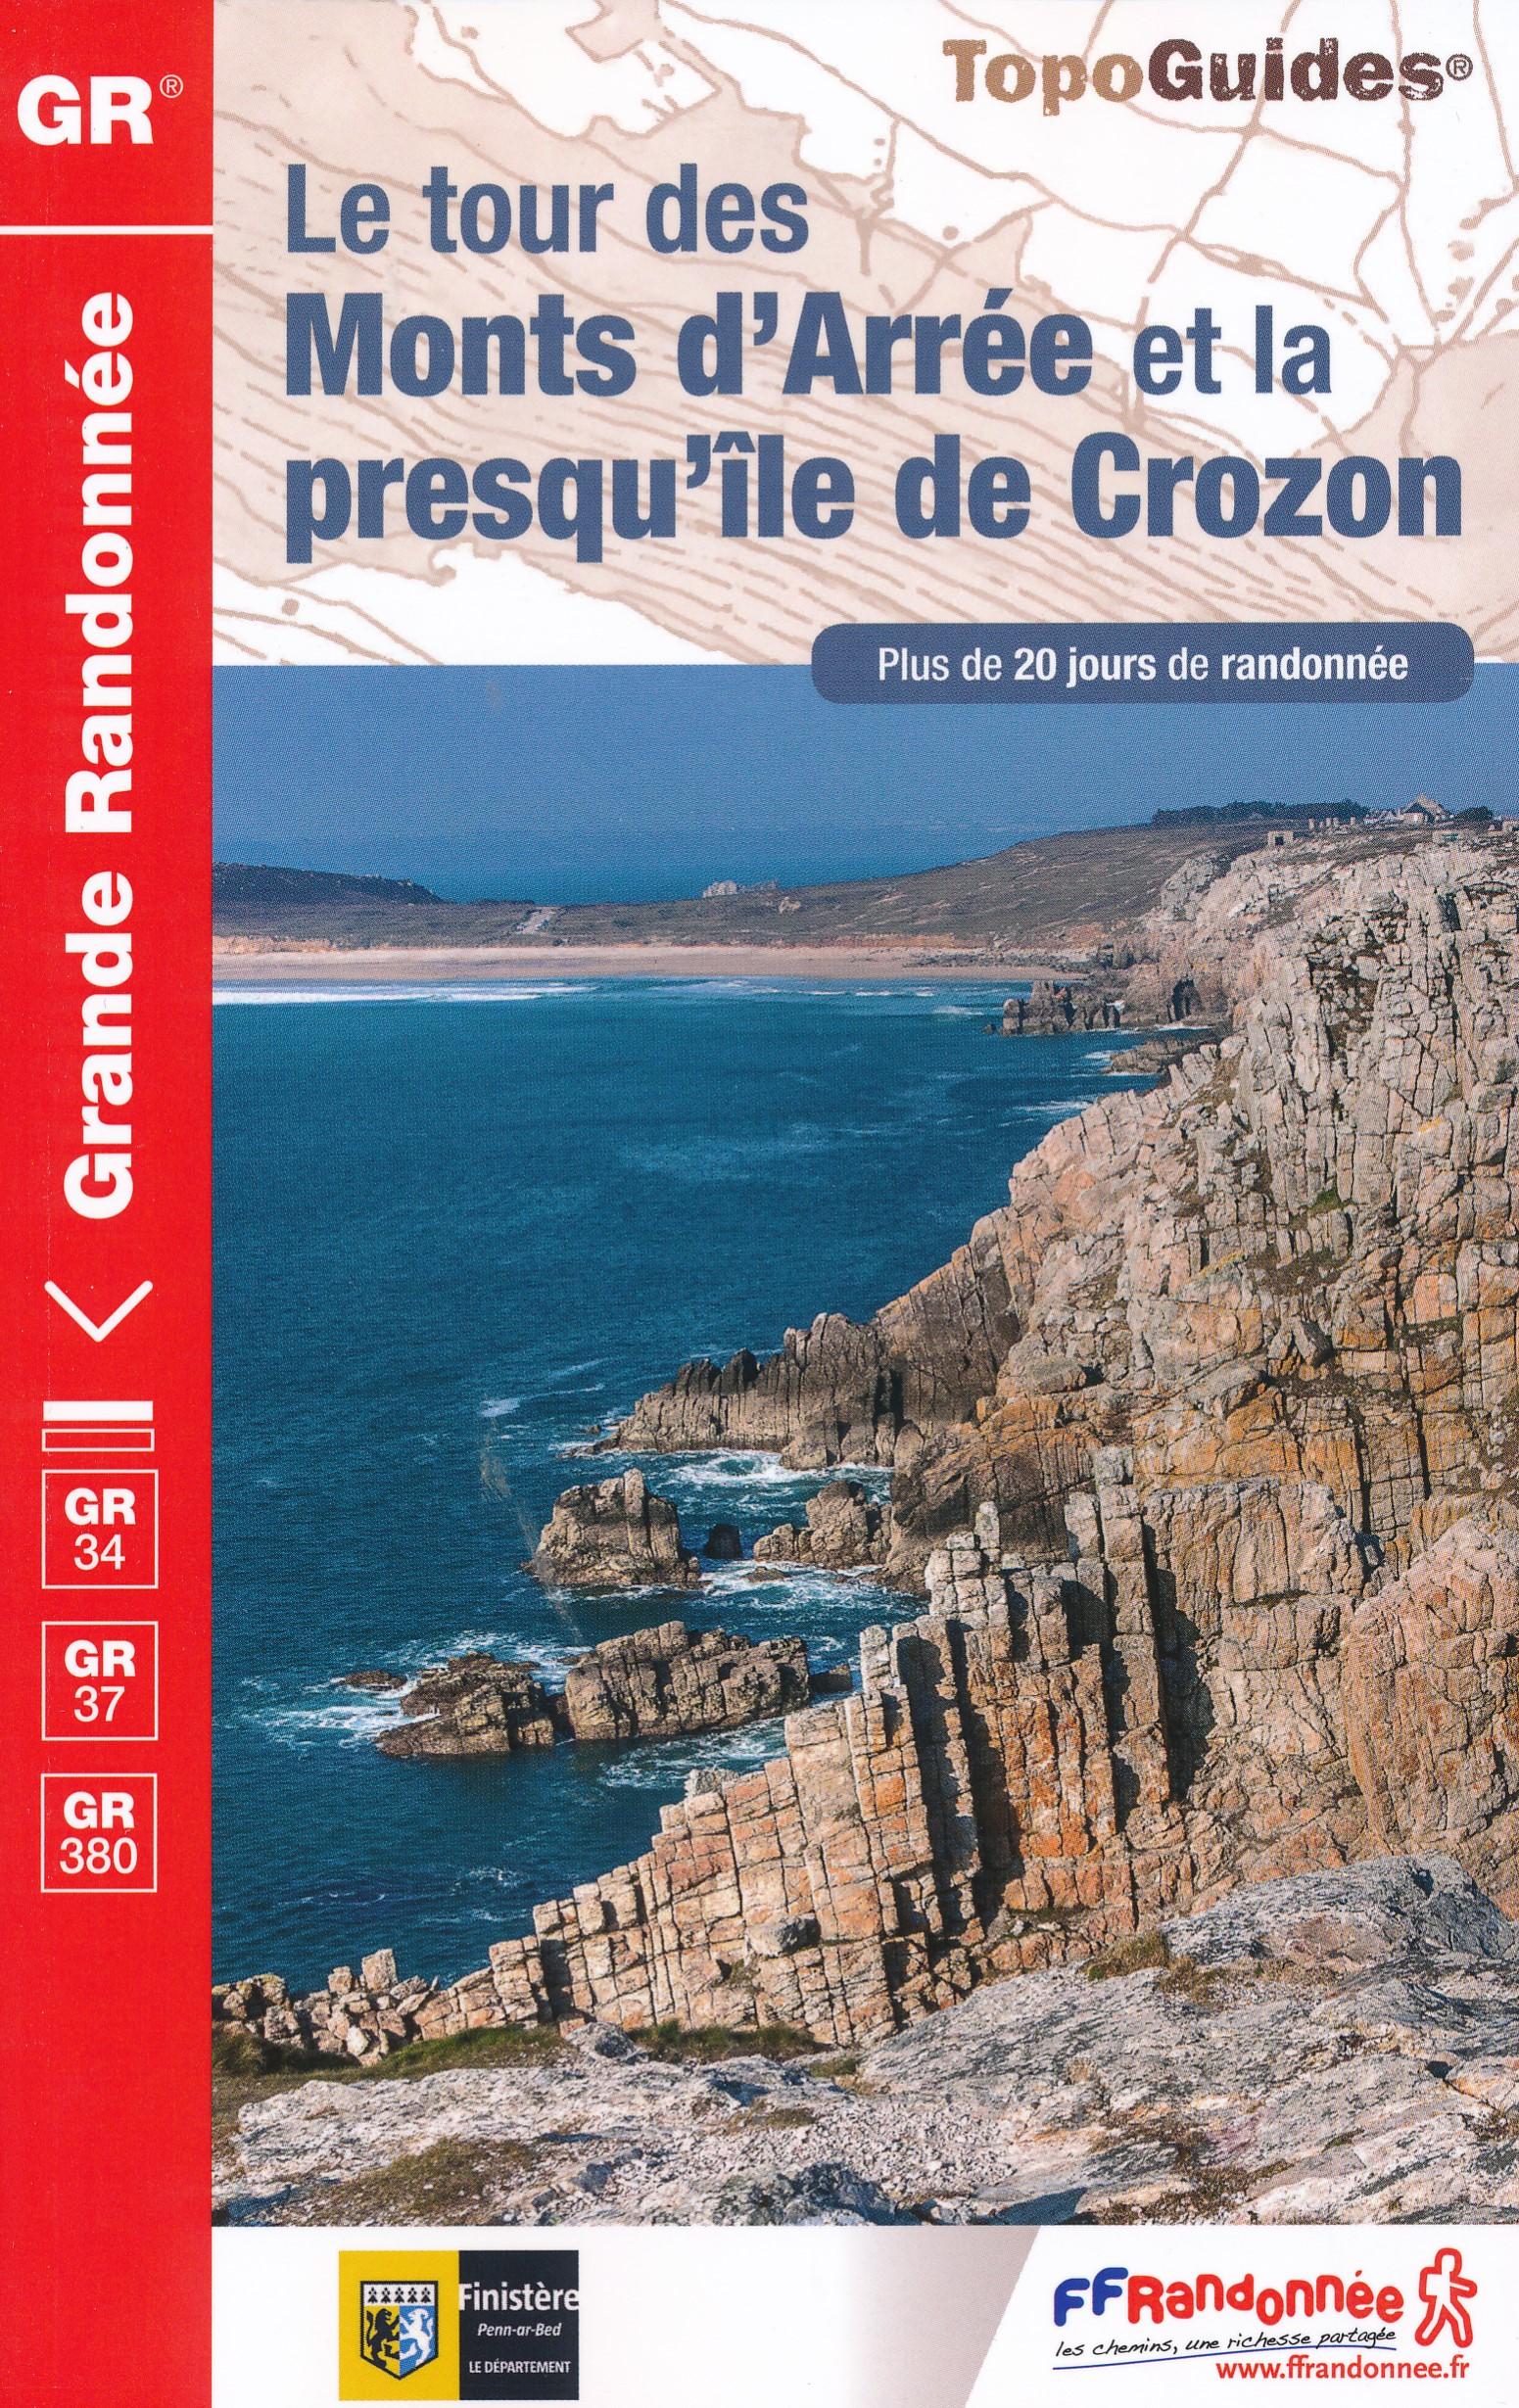 Wandelgids 380 Bretagne GR 34-37 Le tour des Monts d Arree et la presque ile de Crozon | FFRP de zwerver